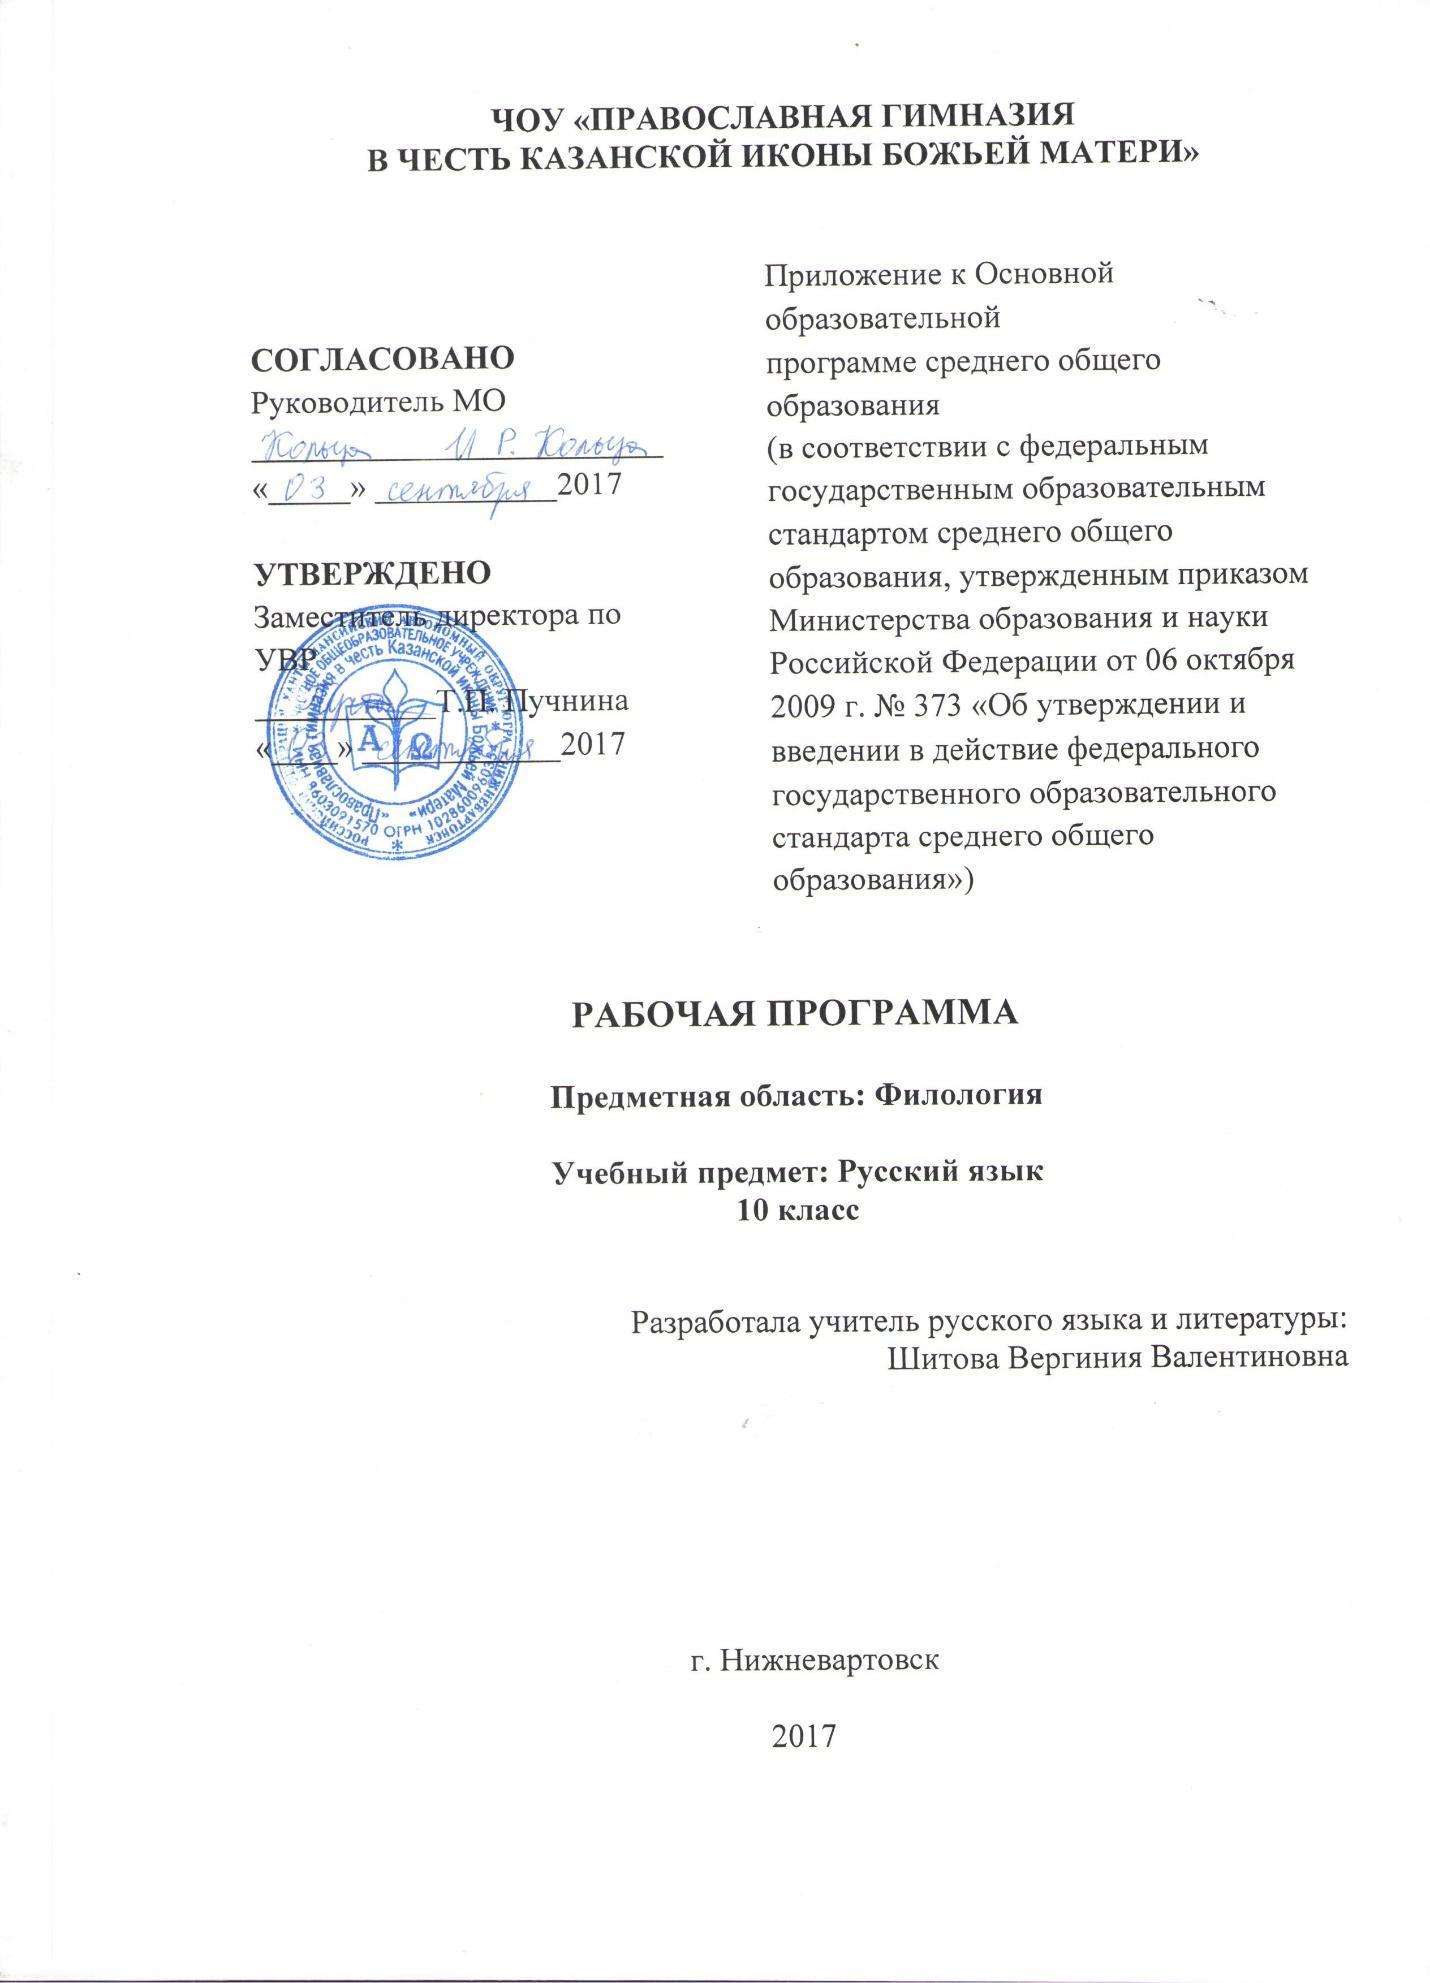 Лексические (словарные) нормы русского языка | авторская платформа pandia.ru